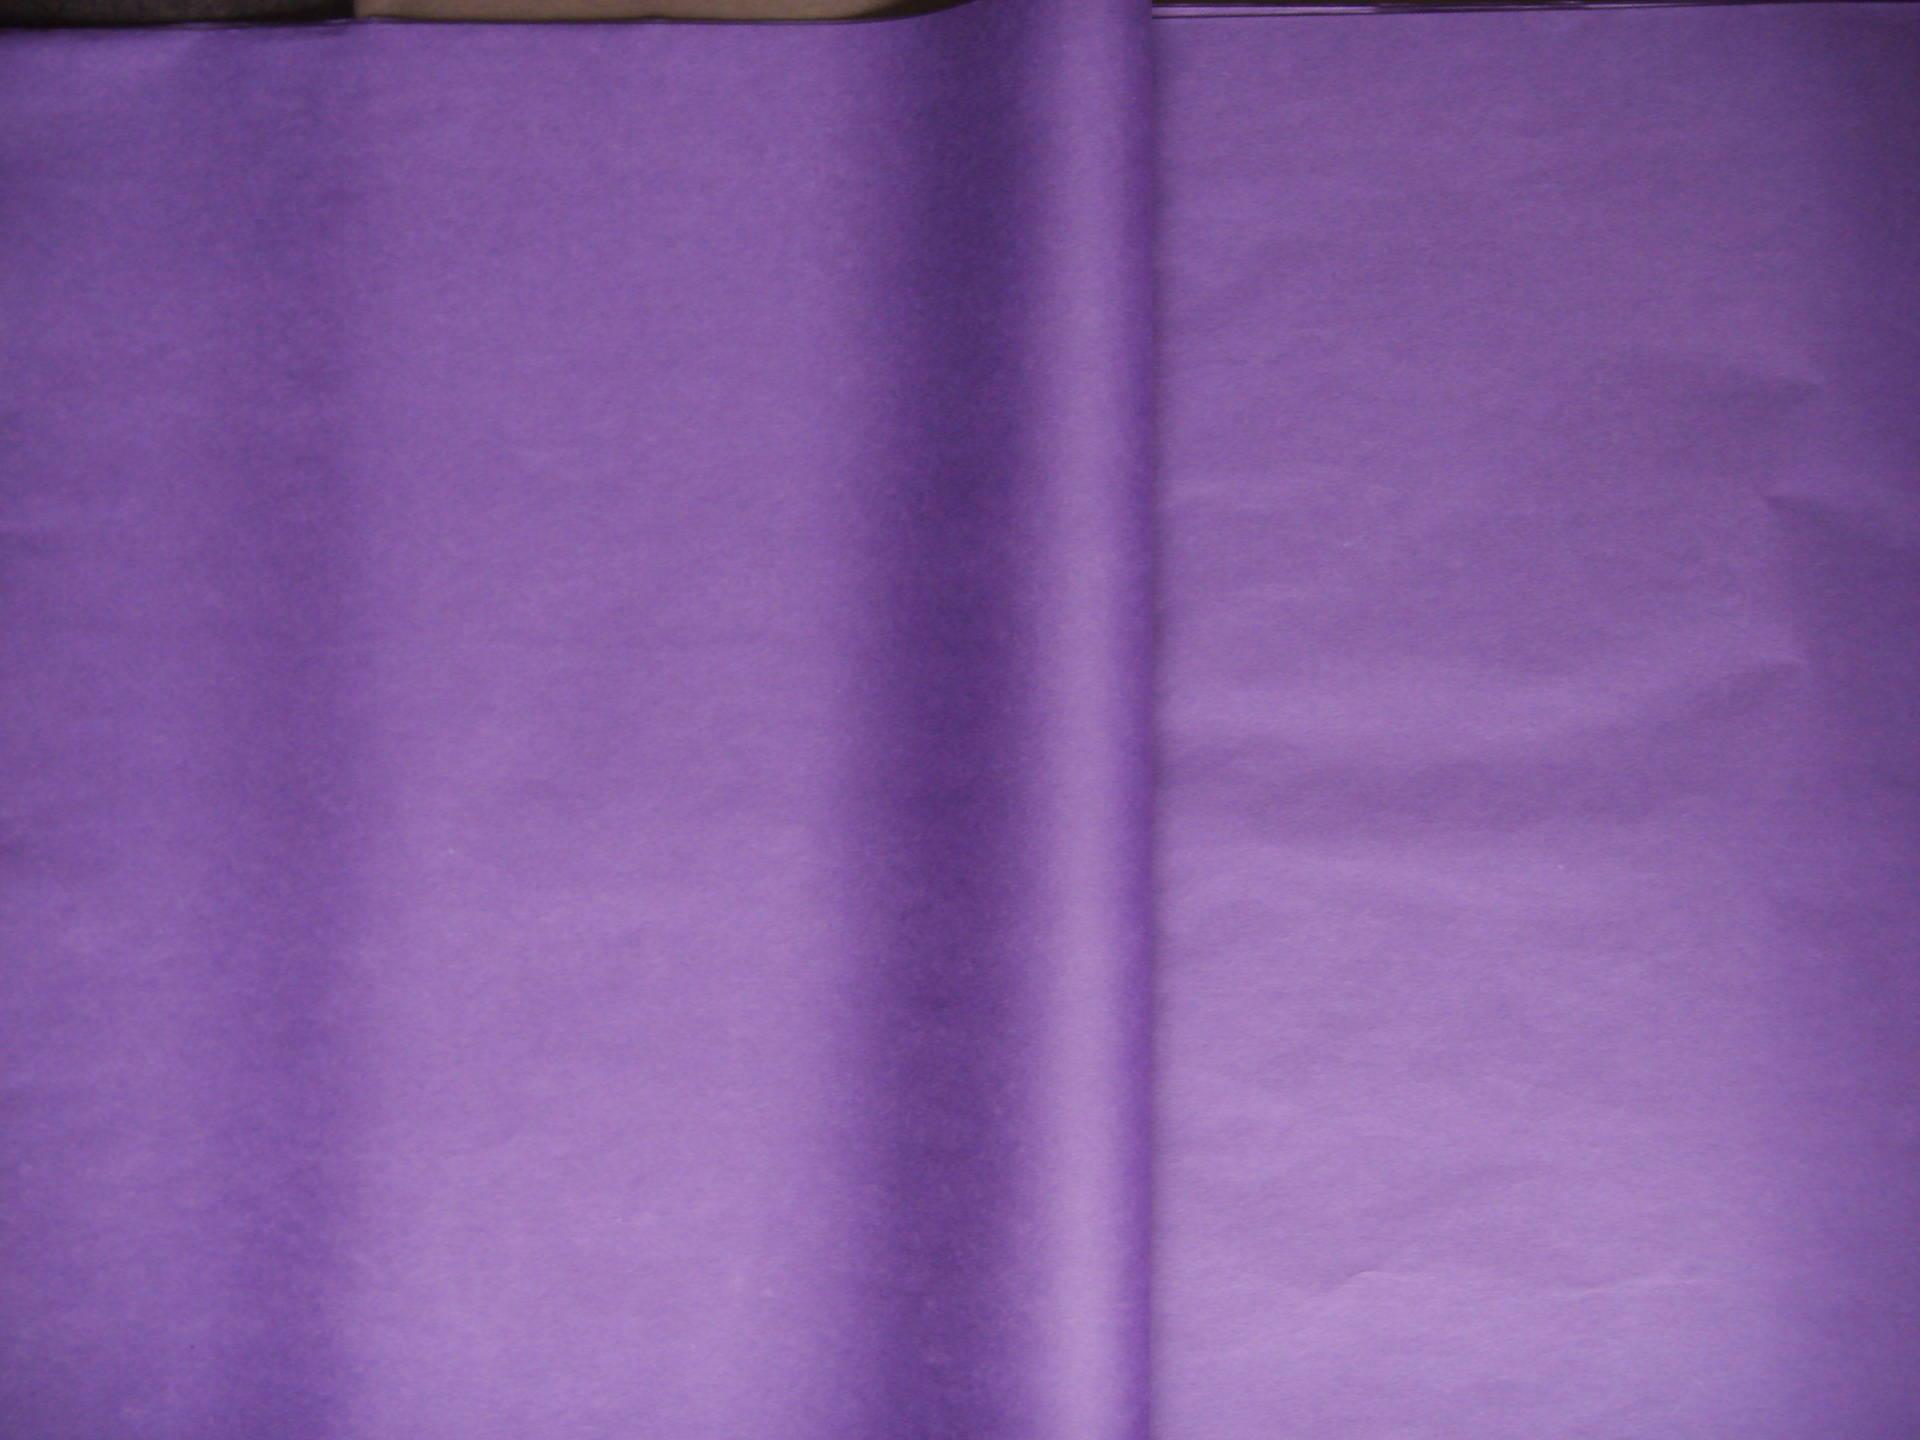 Papier de Soie Lavande 5 Feuilles Taille 50cm*75cm